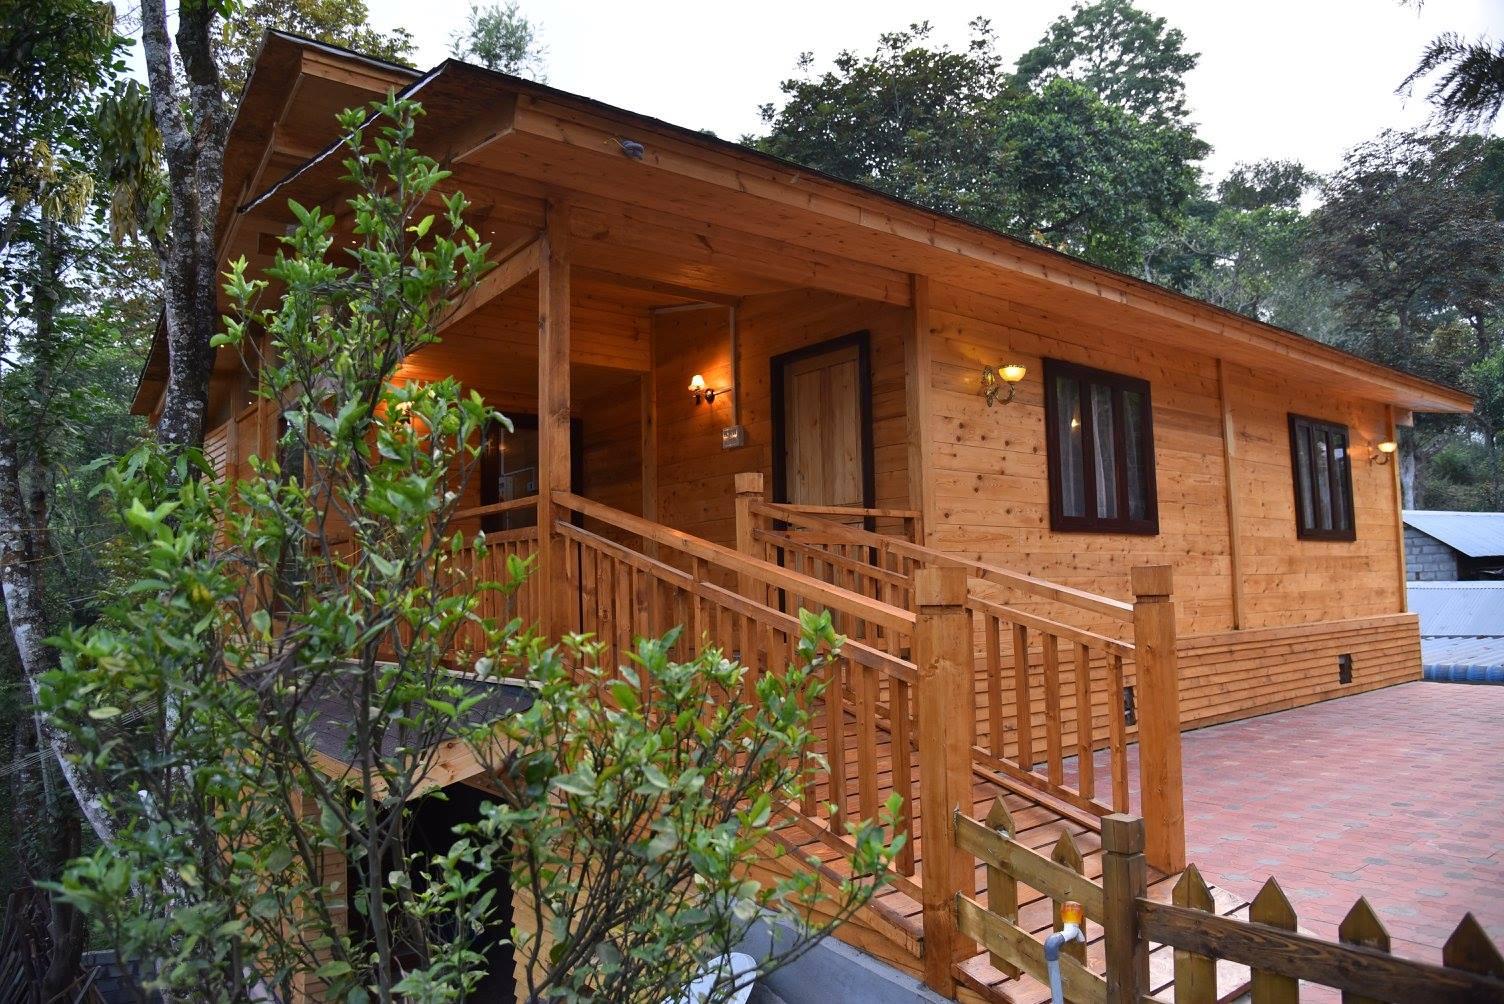 Smokey Haven Wood House Homestay -Best Wood House Kodaikanal